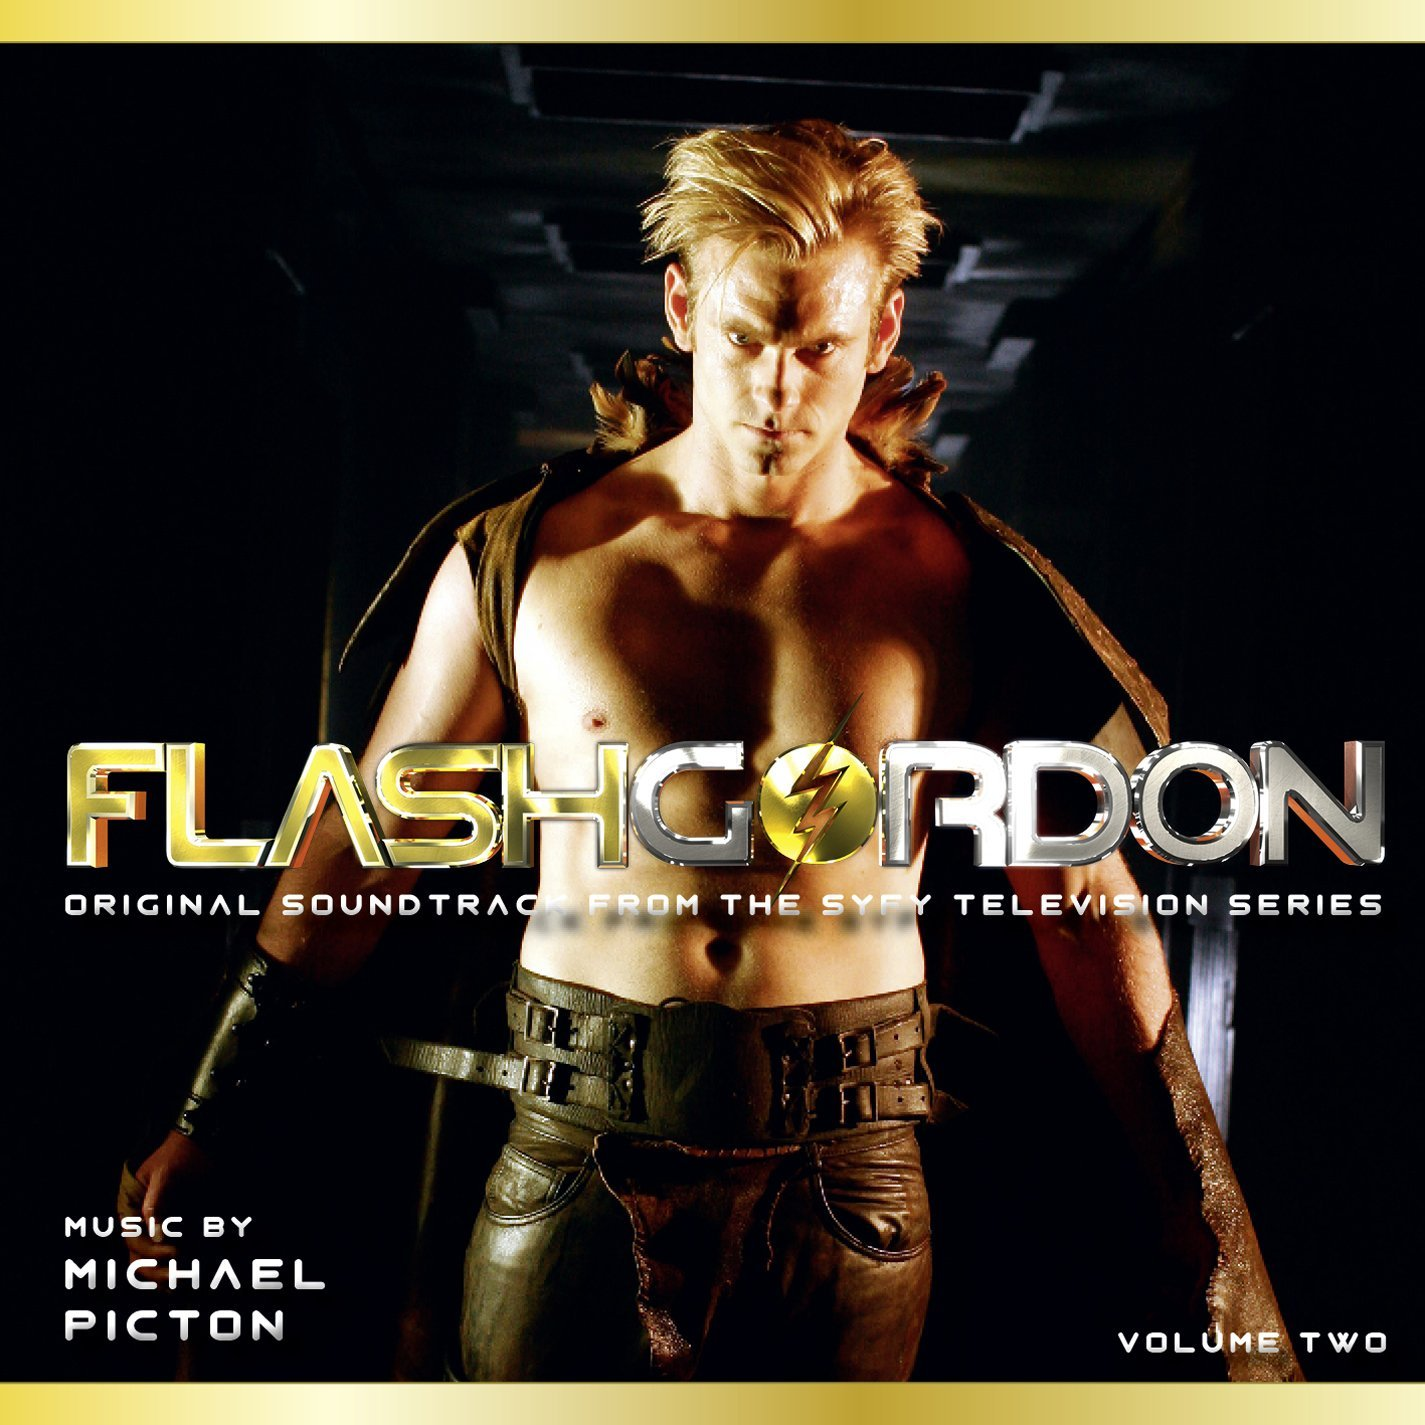 FlashGordon_CD2